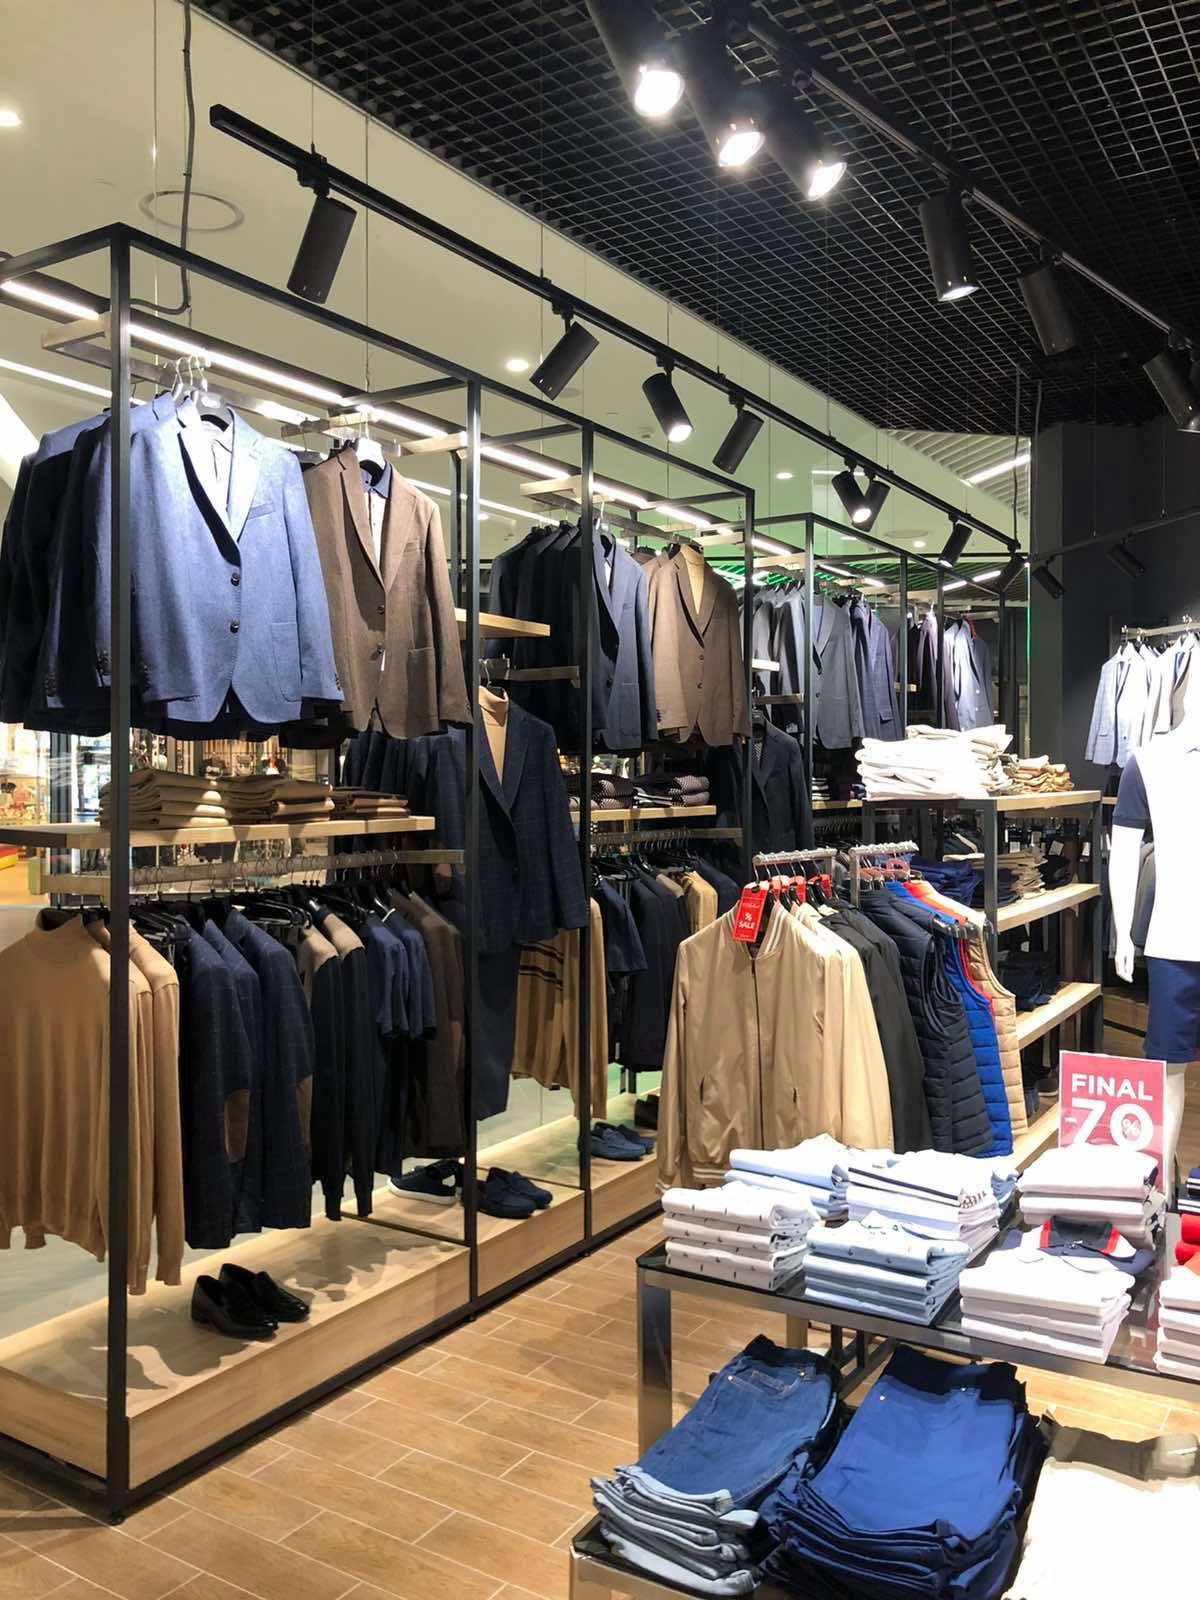 Магазин одежды «Arber», ТРЦ «Retroville» г.Киев